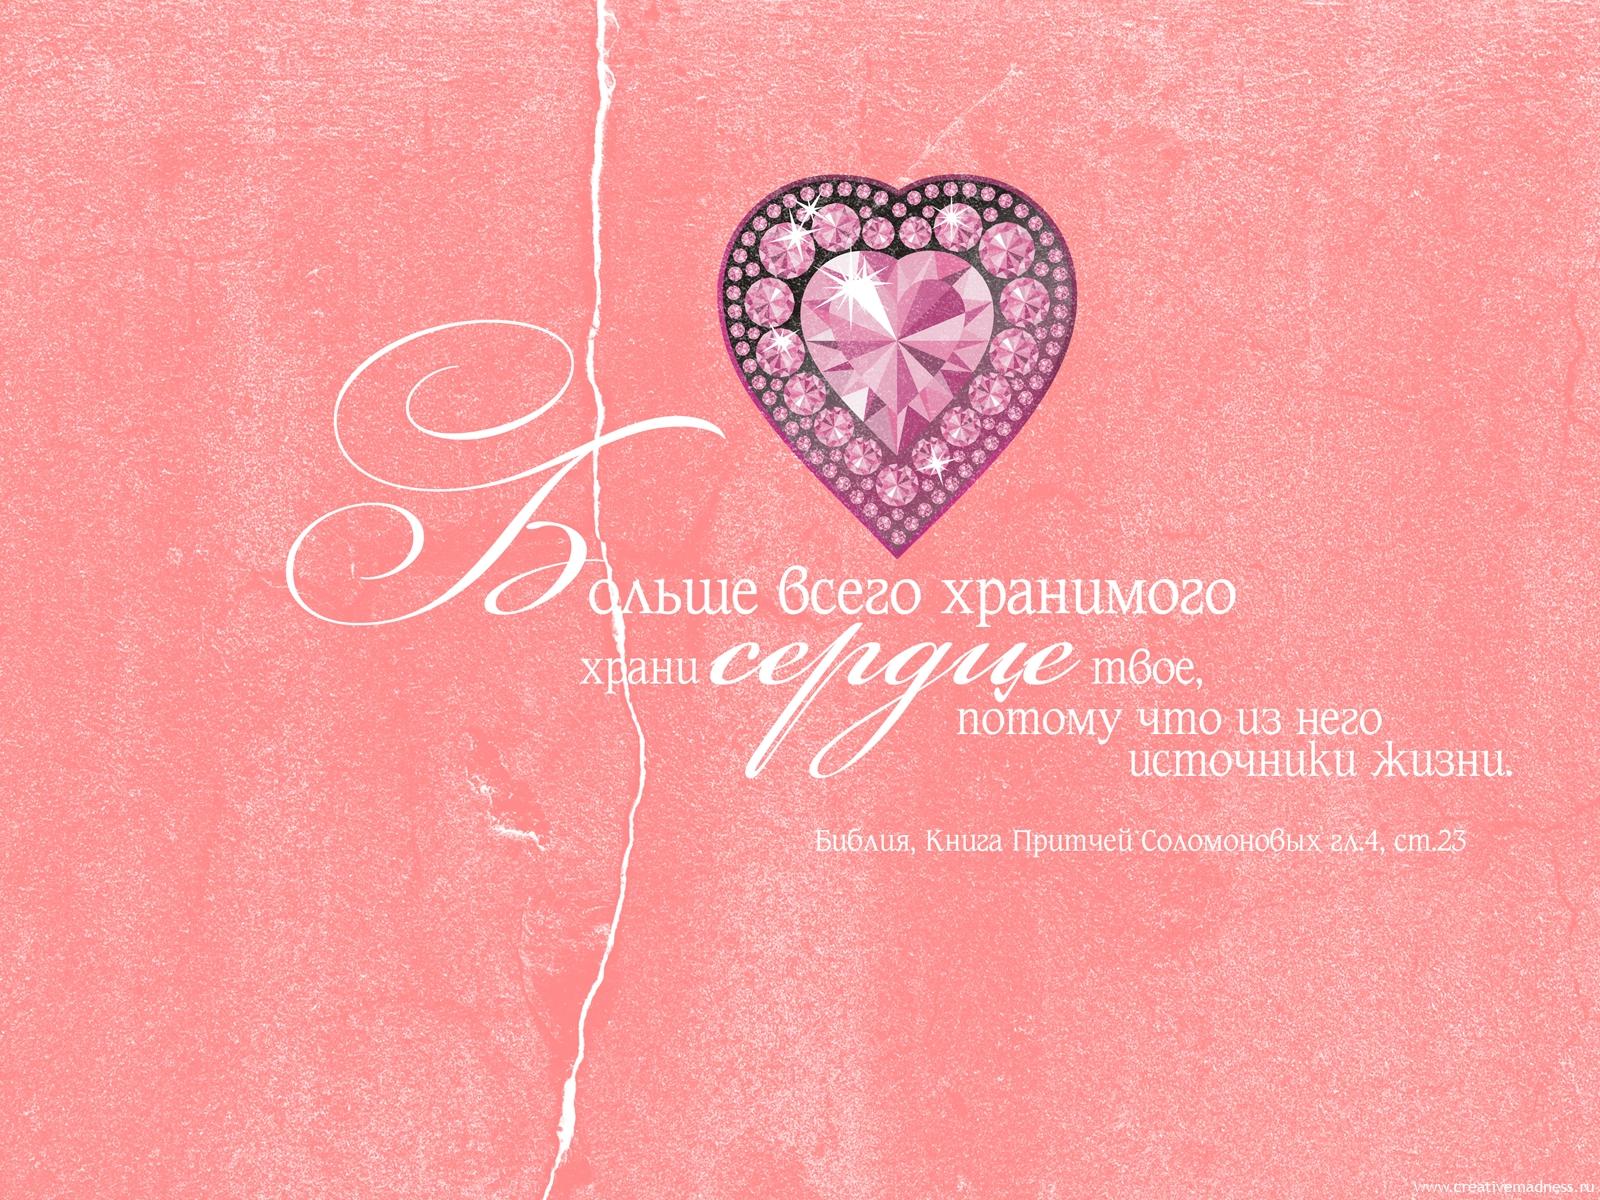 Красивые открытки христианские с добрым утром и цитатами из библии